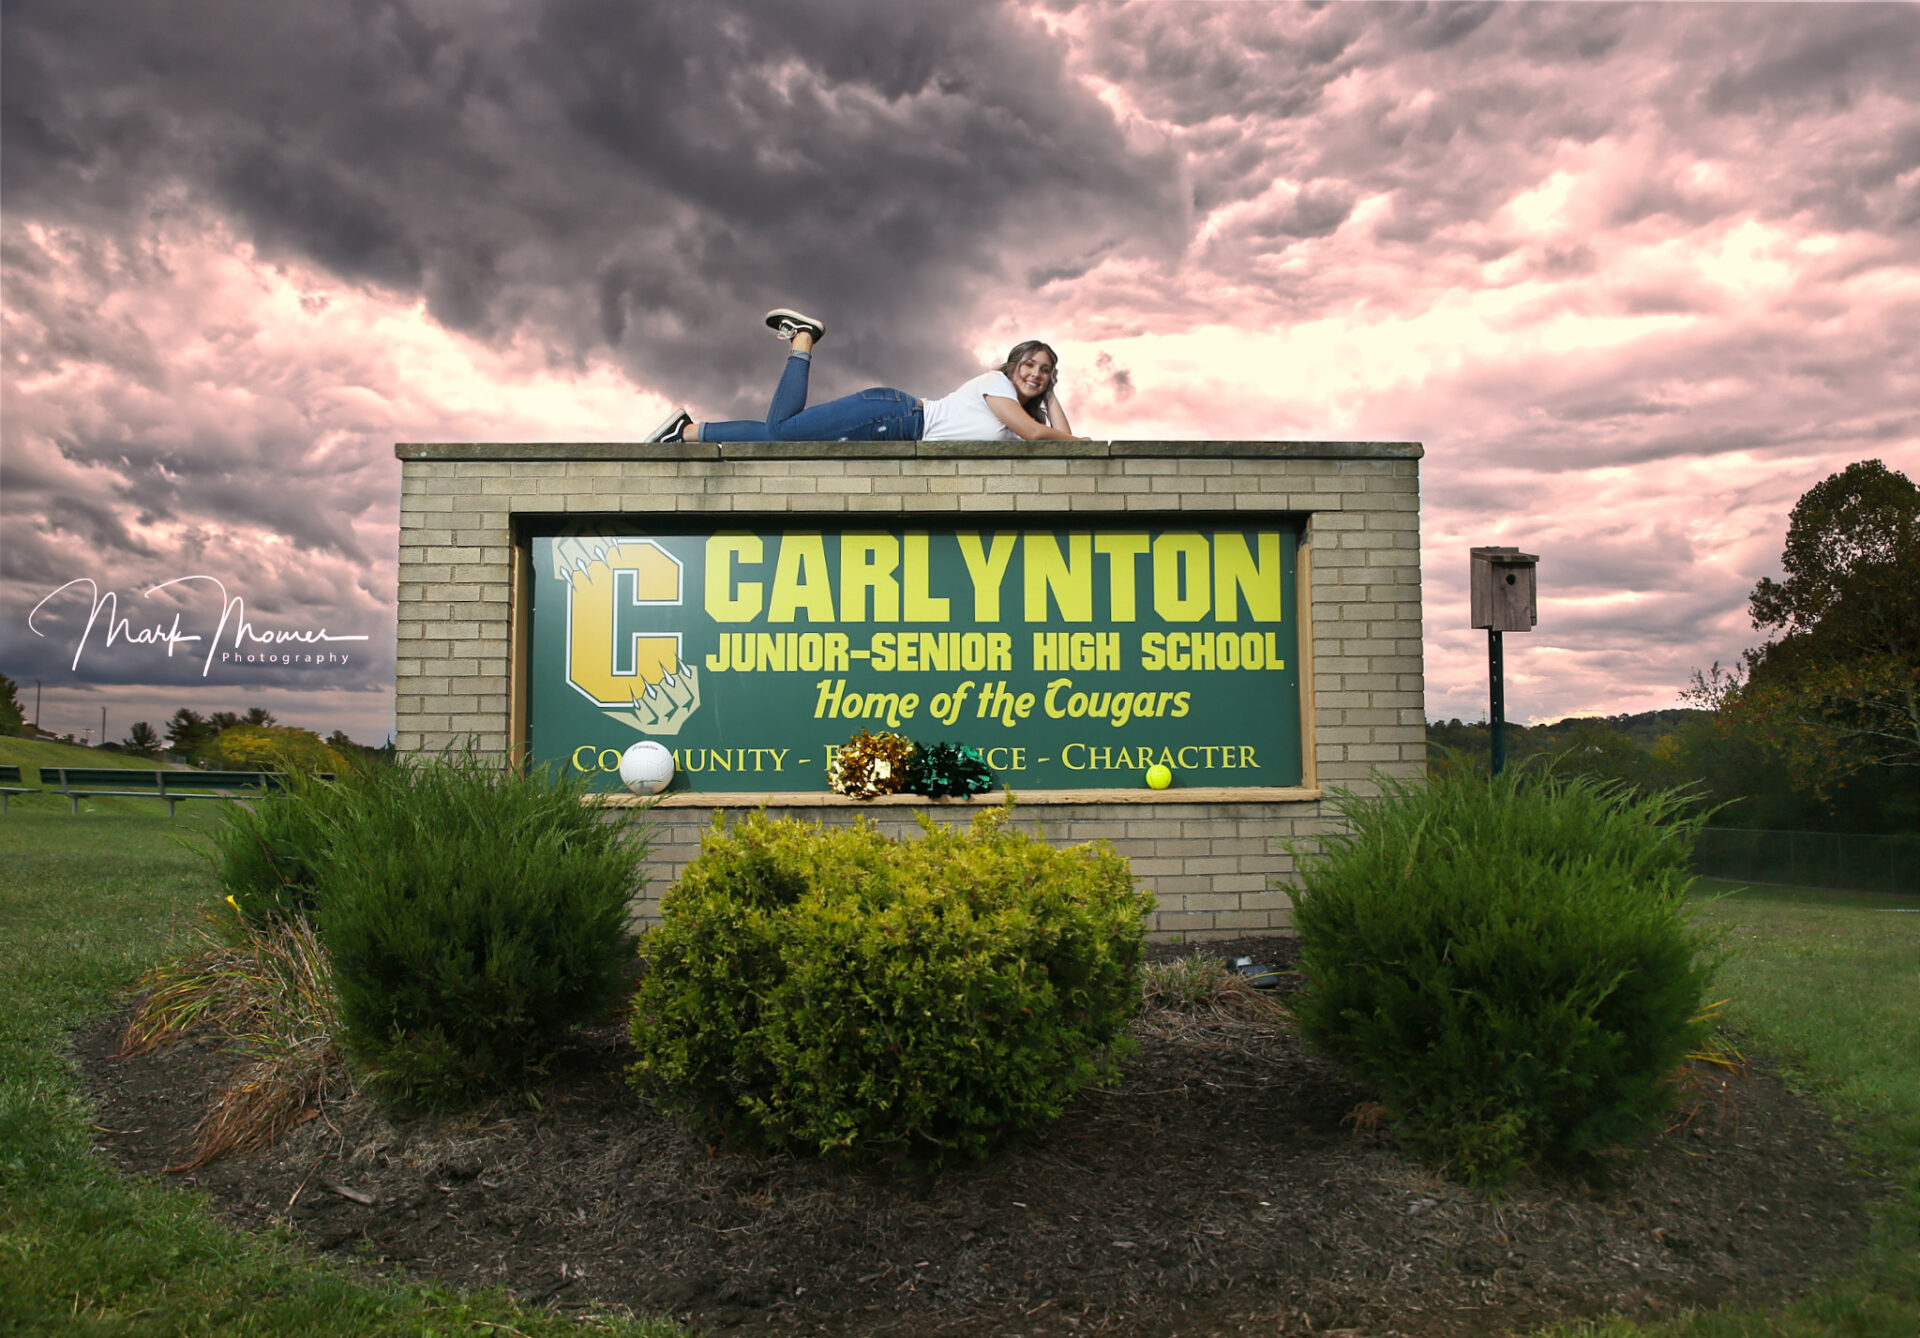 Carlynton high school Crafton